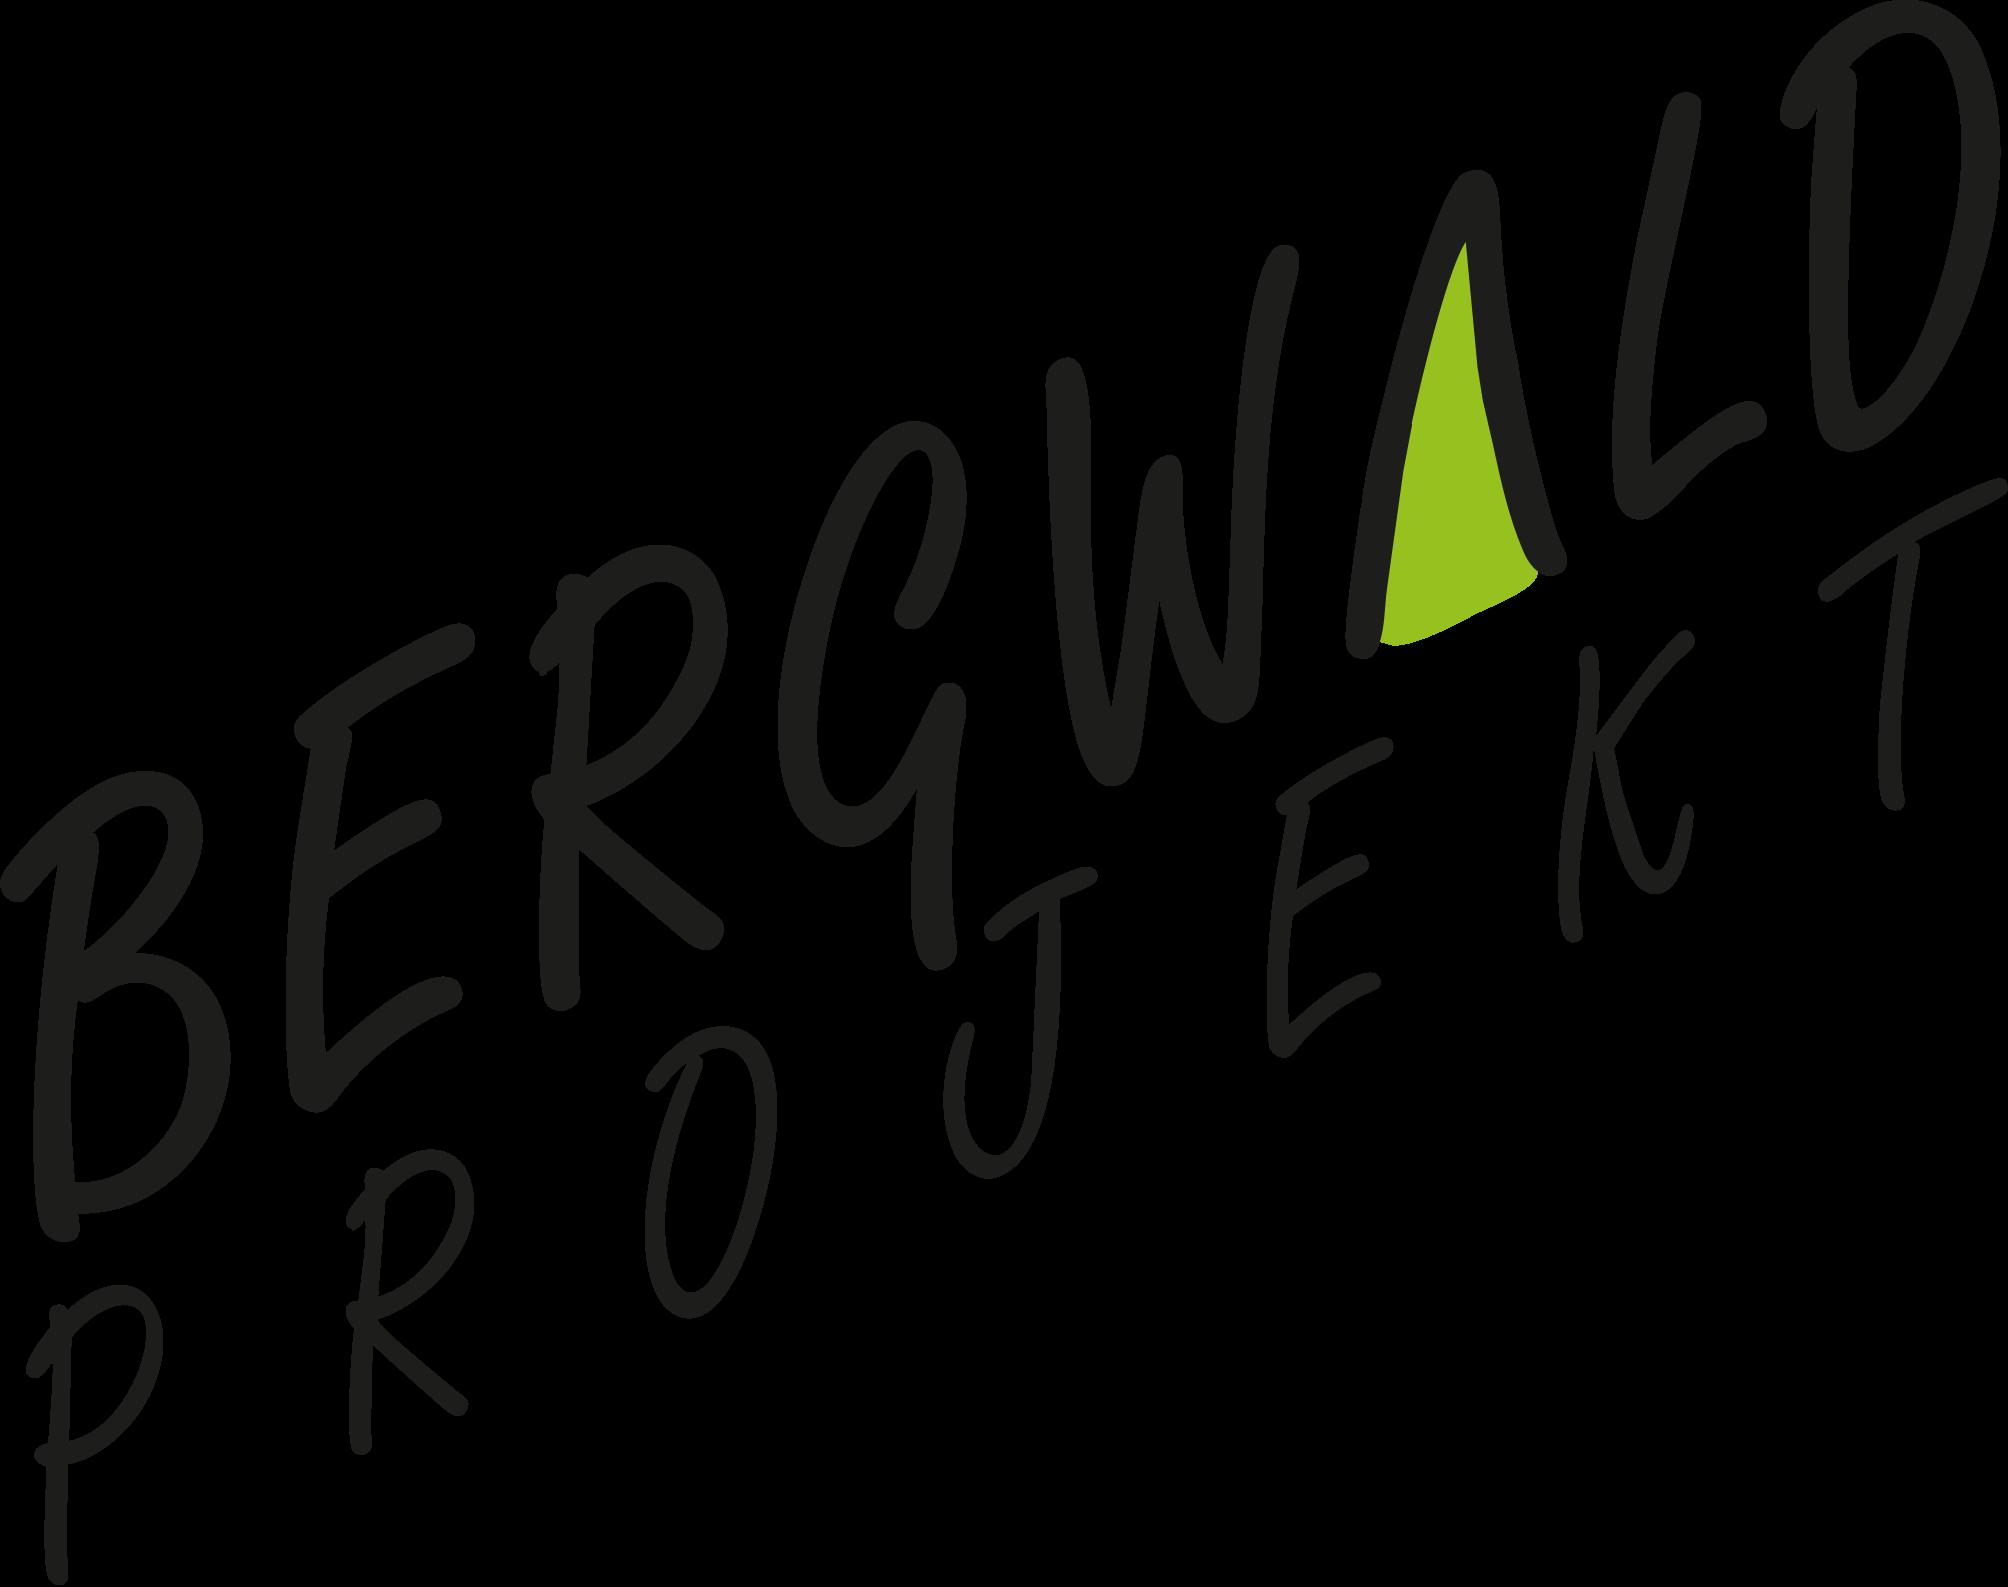 Das Bergwaldprojekt ist ein gemeinnütziger Verein, den Pfenning Massivholzmöbel unterstützt. Für jedes Möbel wird ein Baum gepflanzt.